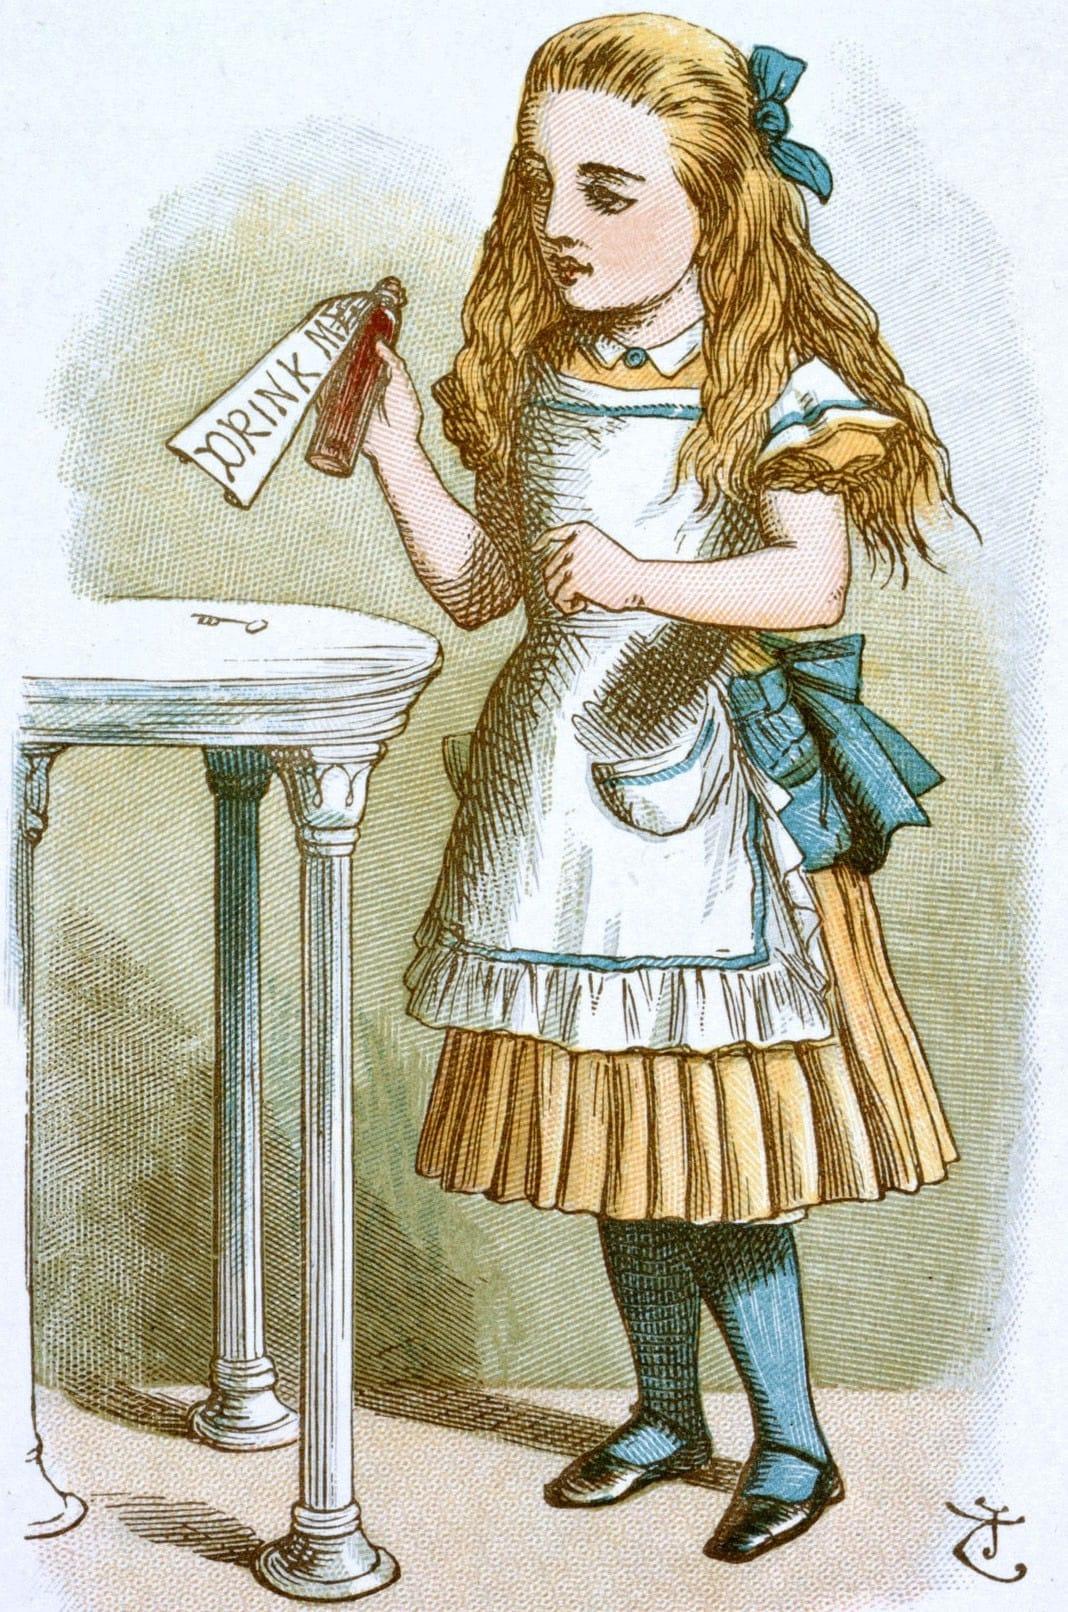 爱丽丝梦游仙境》的作者刘易斯·卡罗尔(Lewis Carroll)也是一位数学家。他发明了许多诱人的产品,尽管其中一些并没有按预期工作。所有插图均由John Tenniel提供。